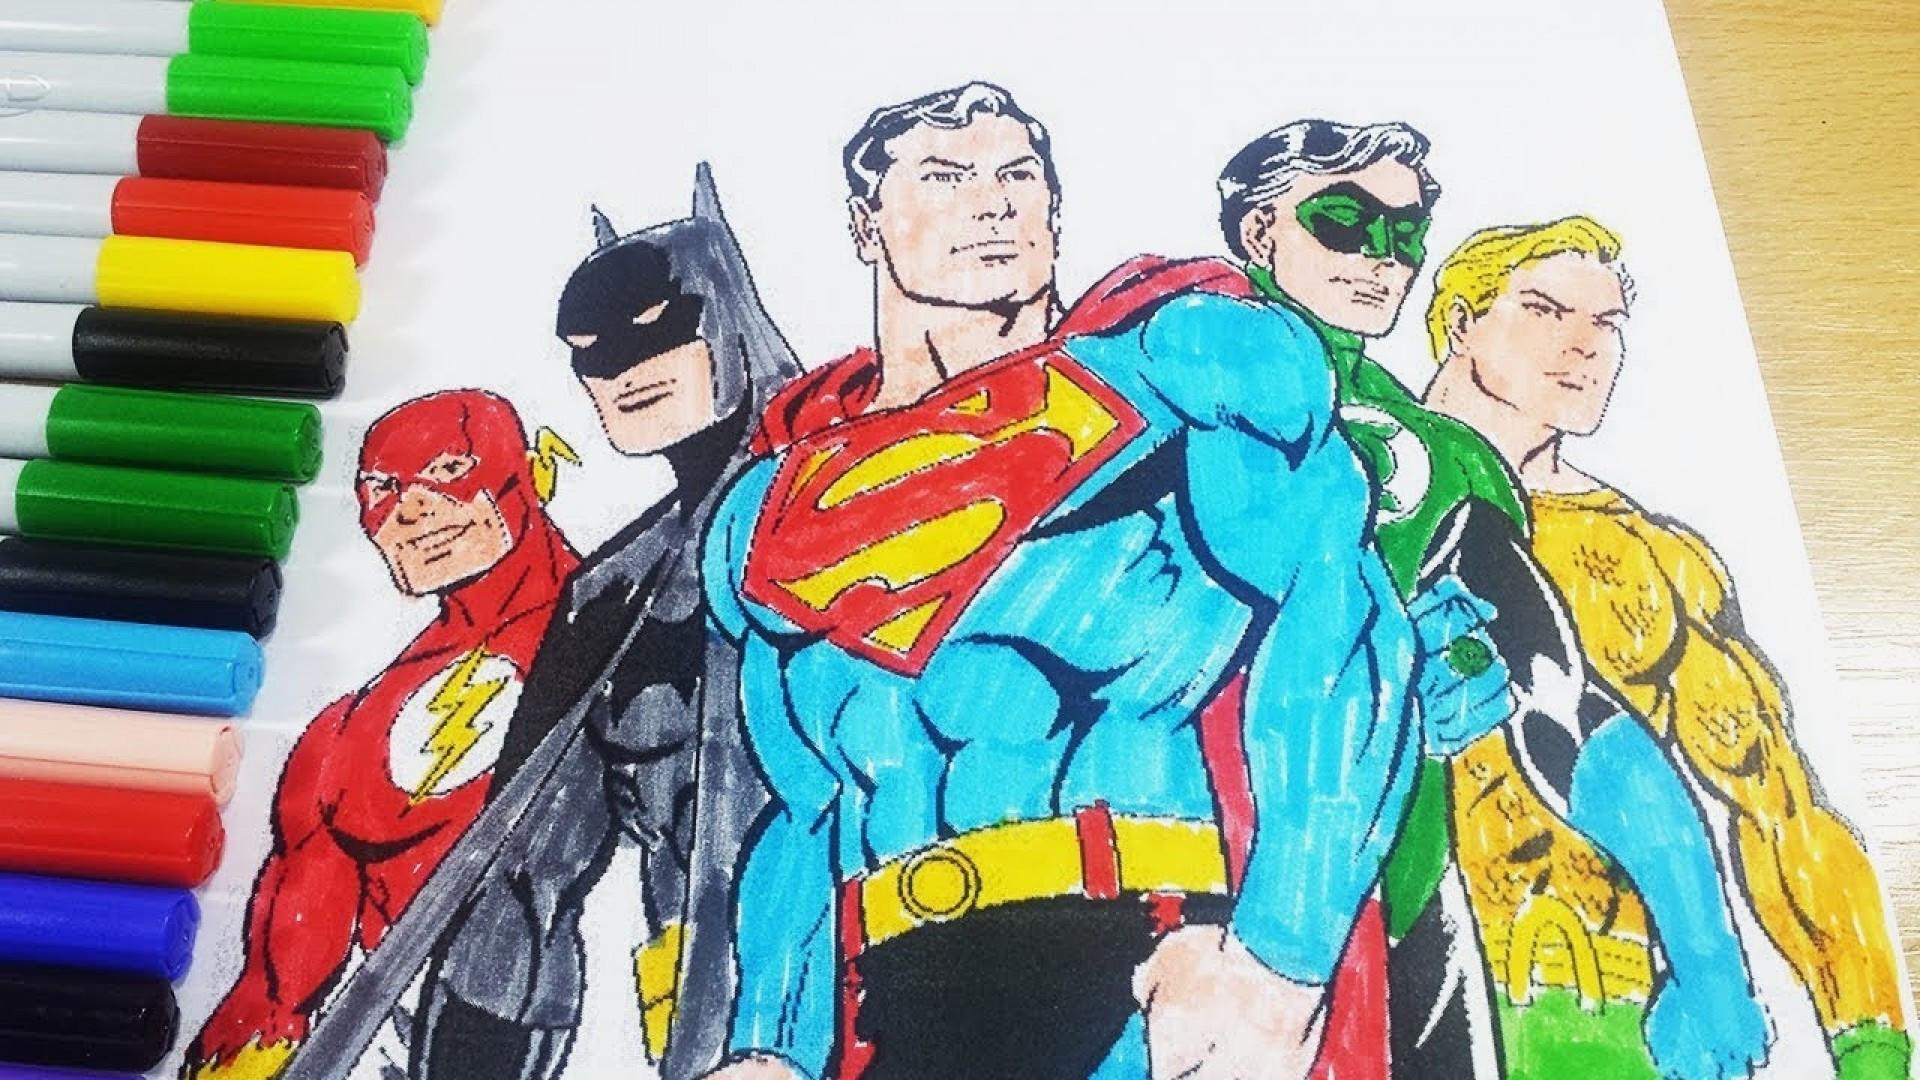 Ausmalbilder Batman Neu Justice League Coloring Pages to Print Fresh Coloriage Sammlung